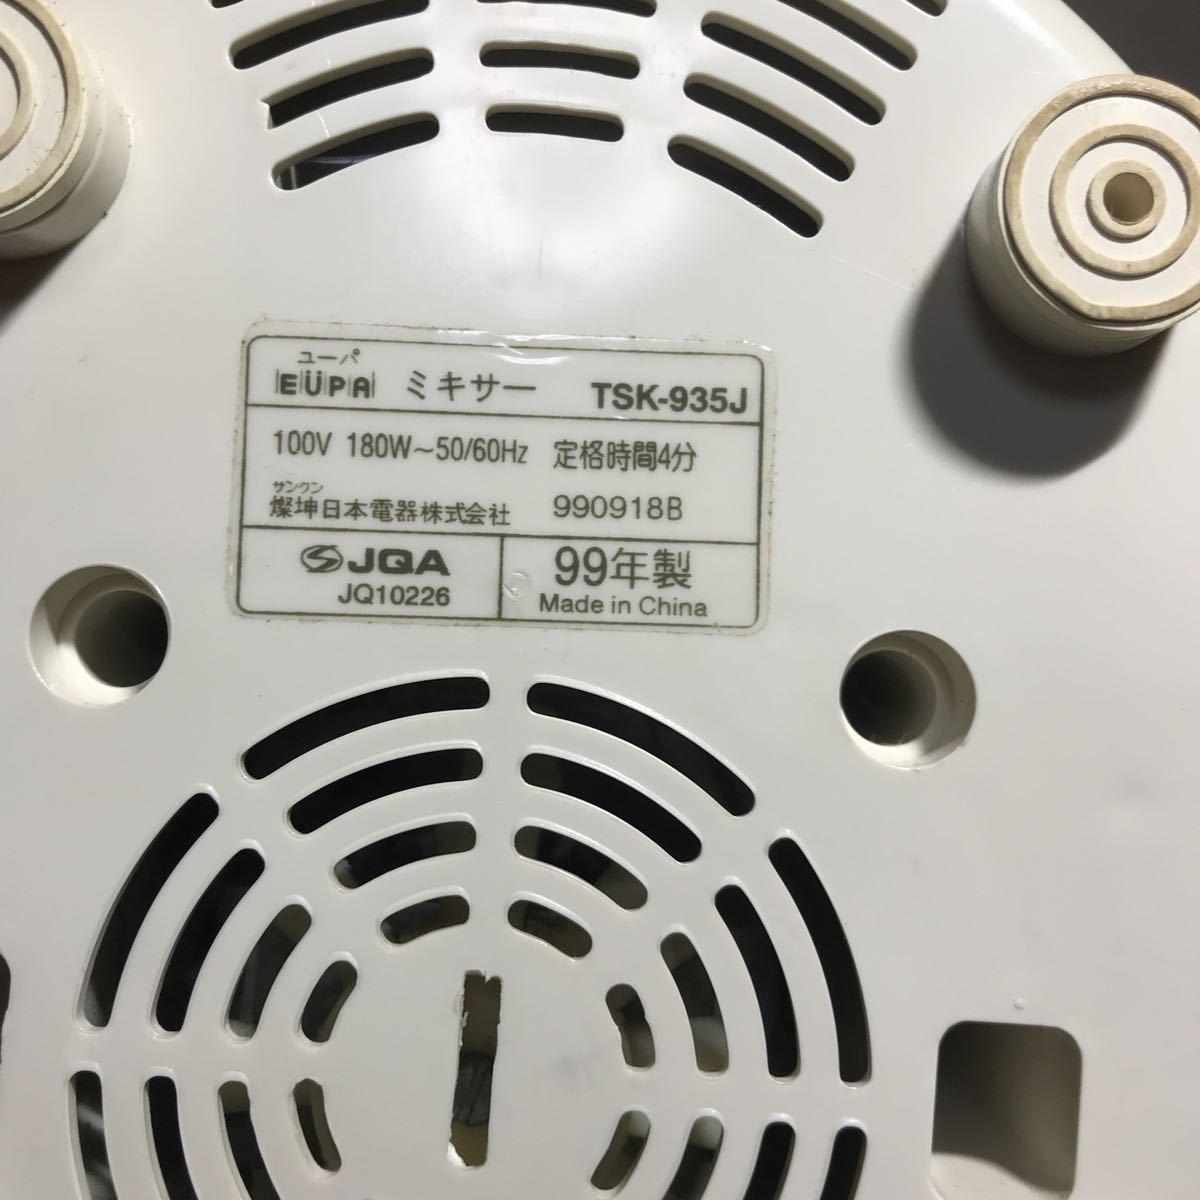 EUPA ミキサー TSK-935J 99年製 送料無料